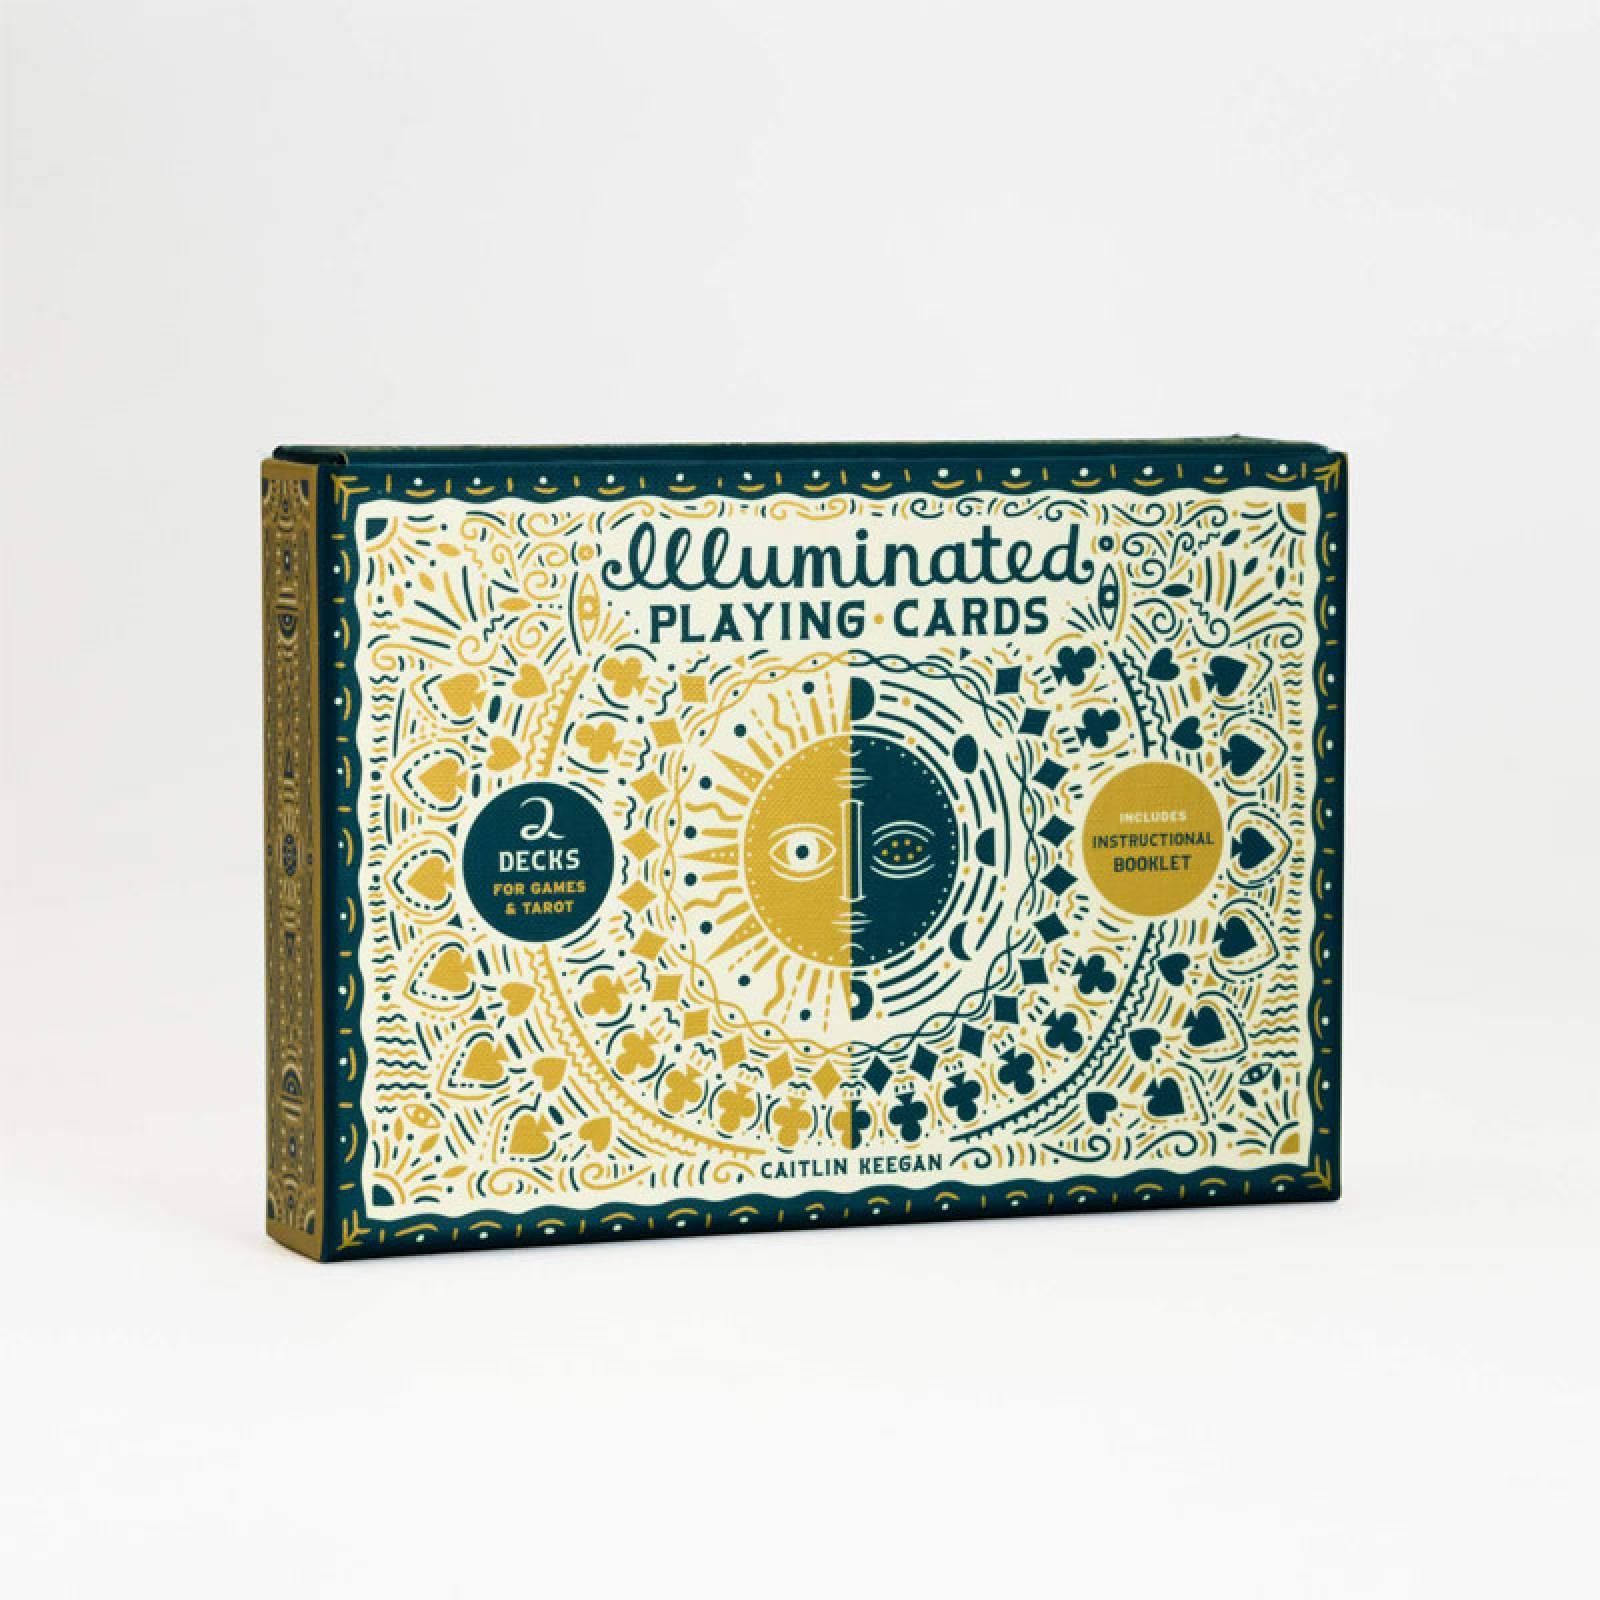 Boxed Set Of Illuminated Playing Cards